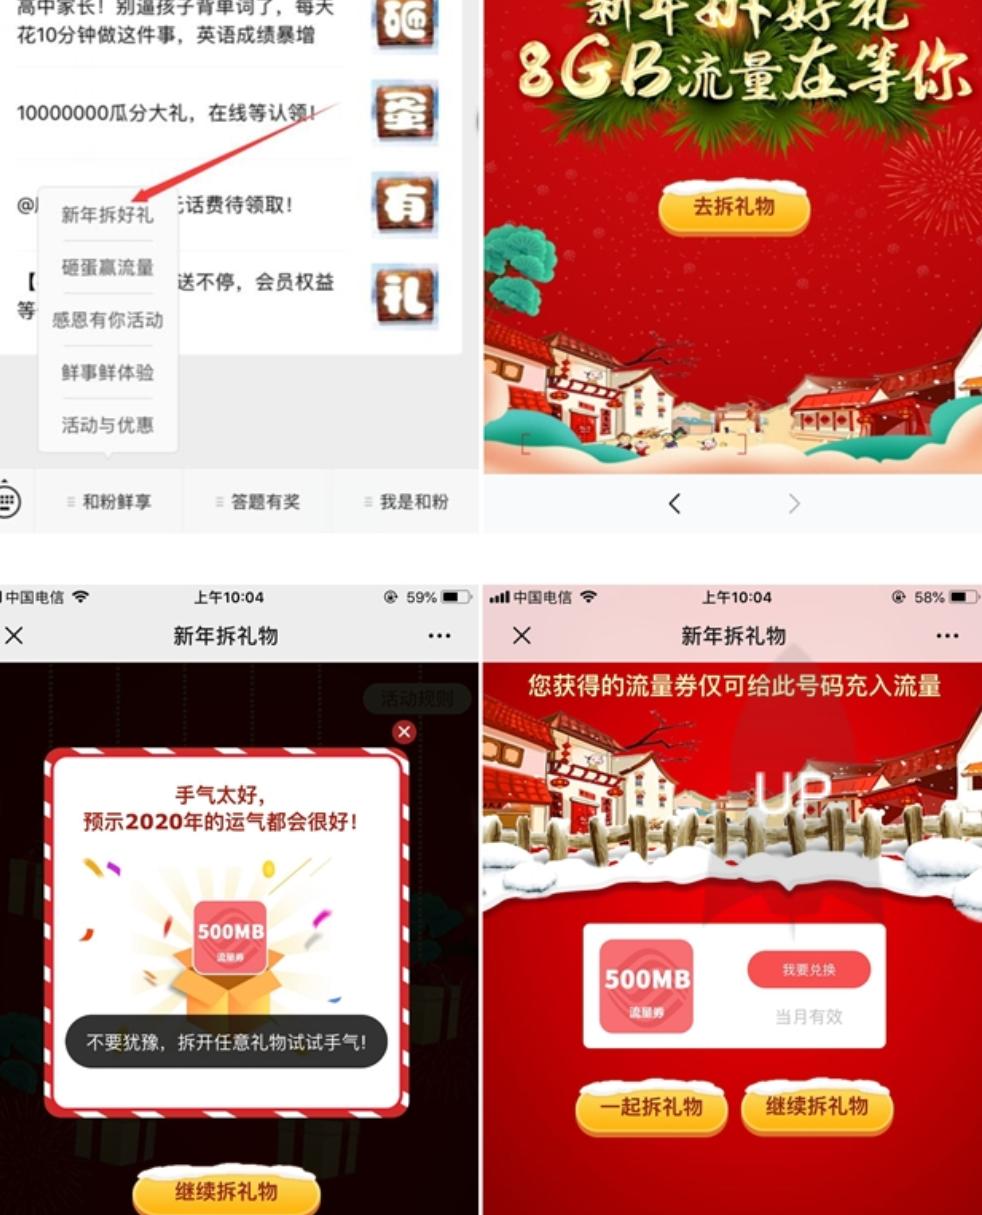 中国移动新年拆礼物最高8G流量